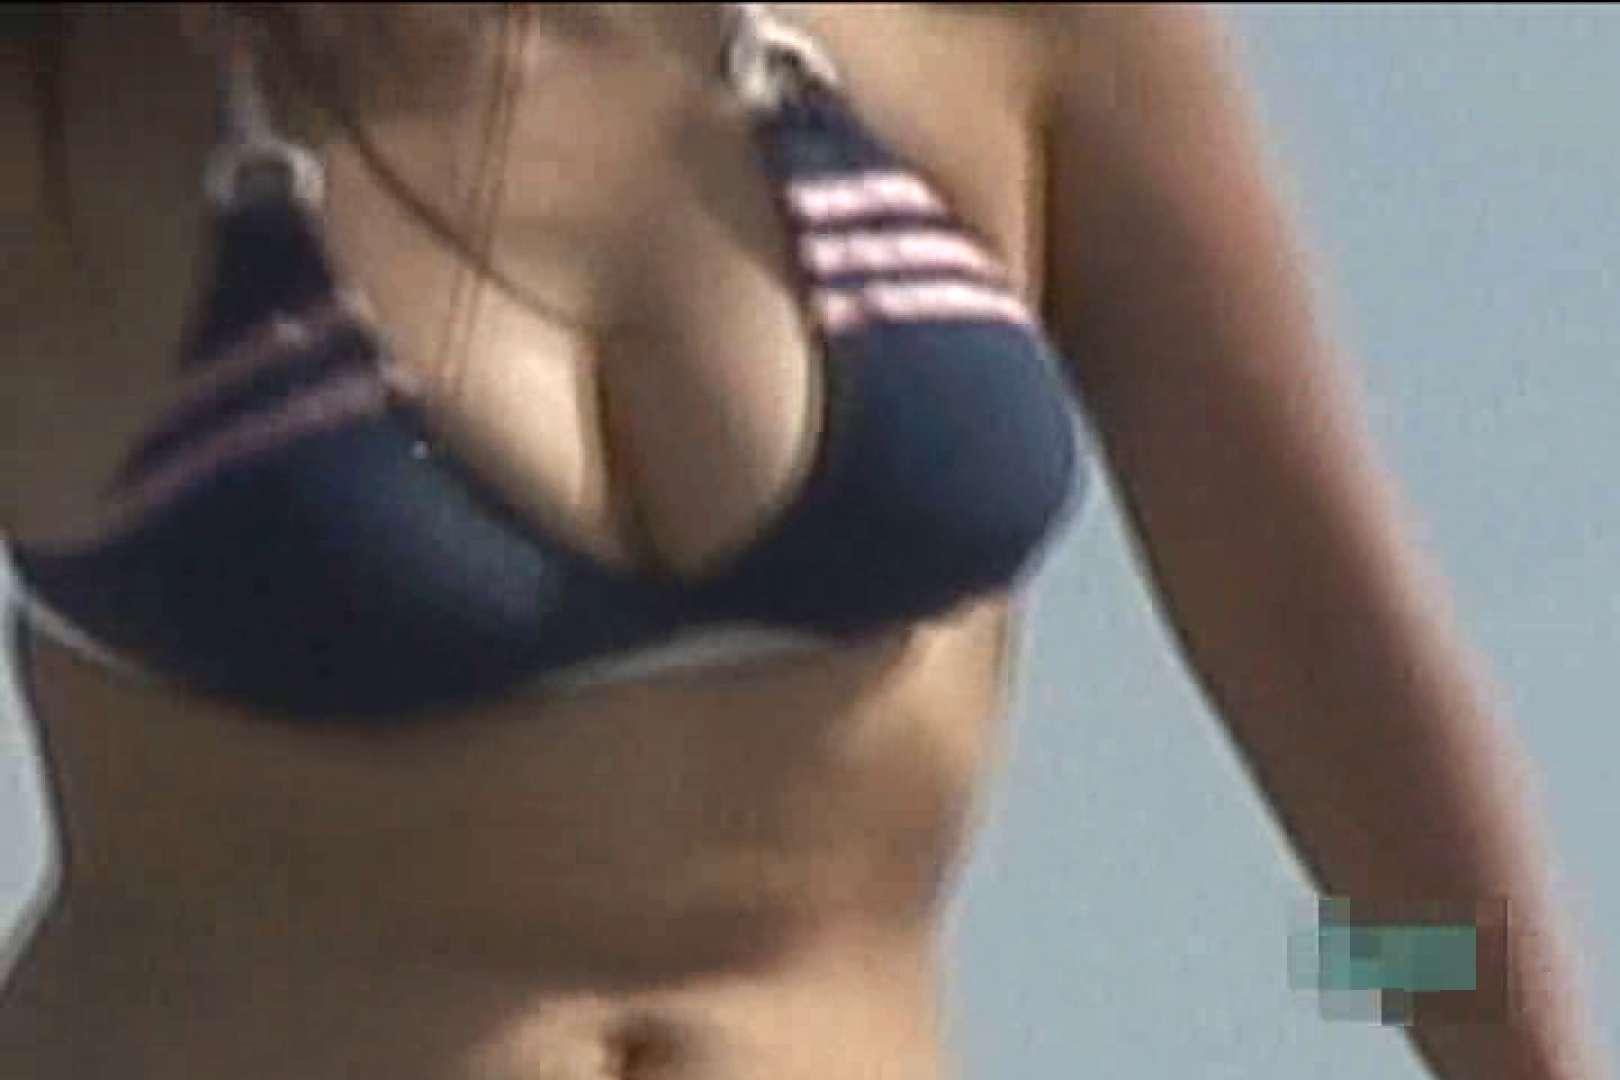 真夏のビーチは危険地帯Vol.3 エロティックなOL セックス無修正動画無料 79画像 2